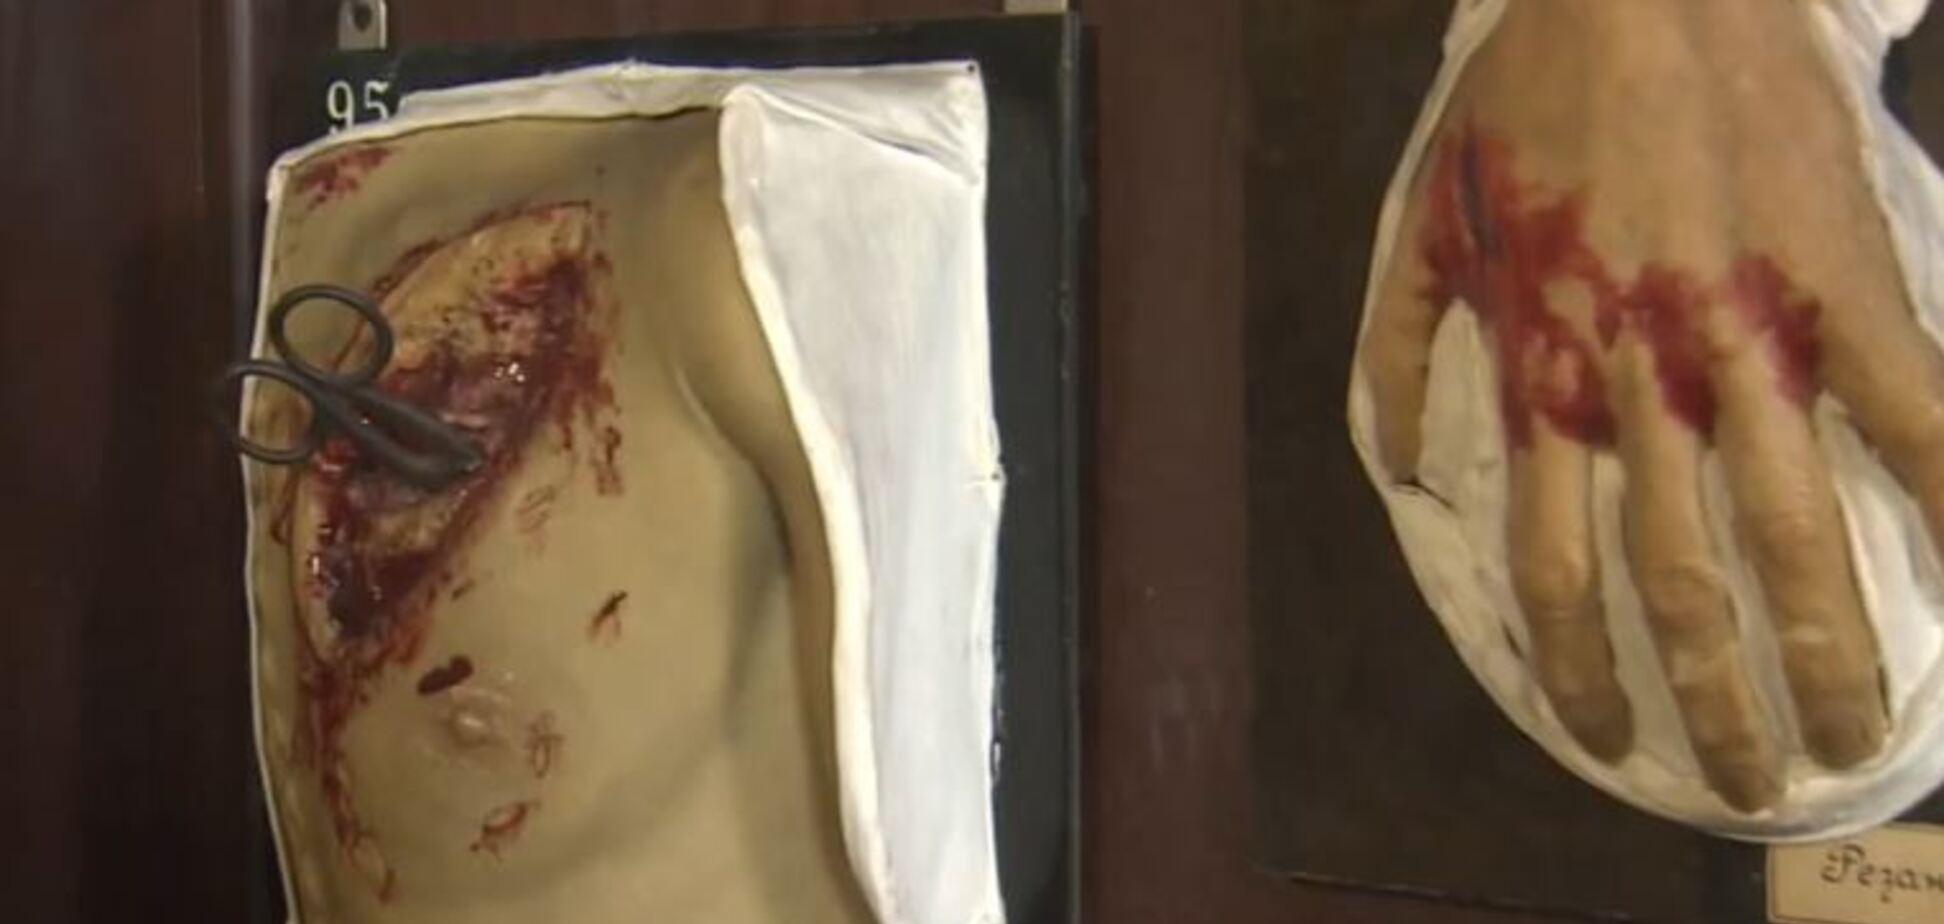 'Во рту откушенный палец, ноги связаны': всплыли жуткие подробности гибели группы Дятлова